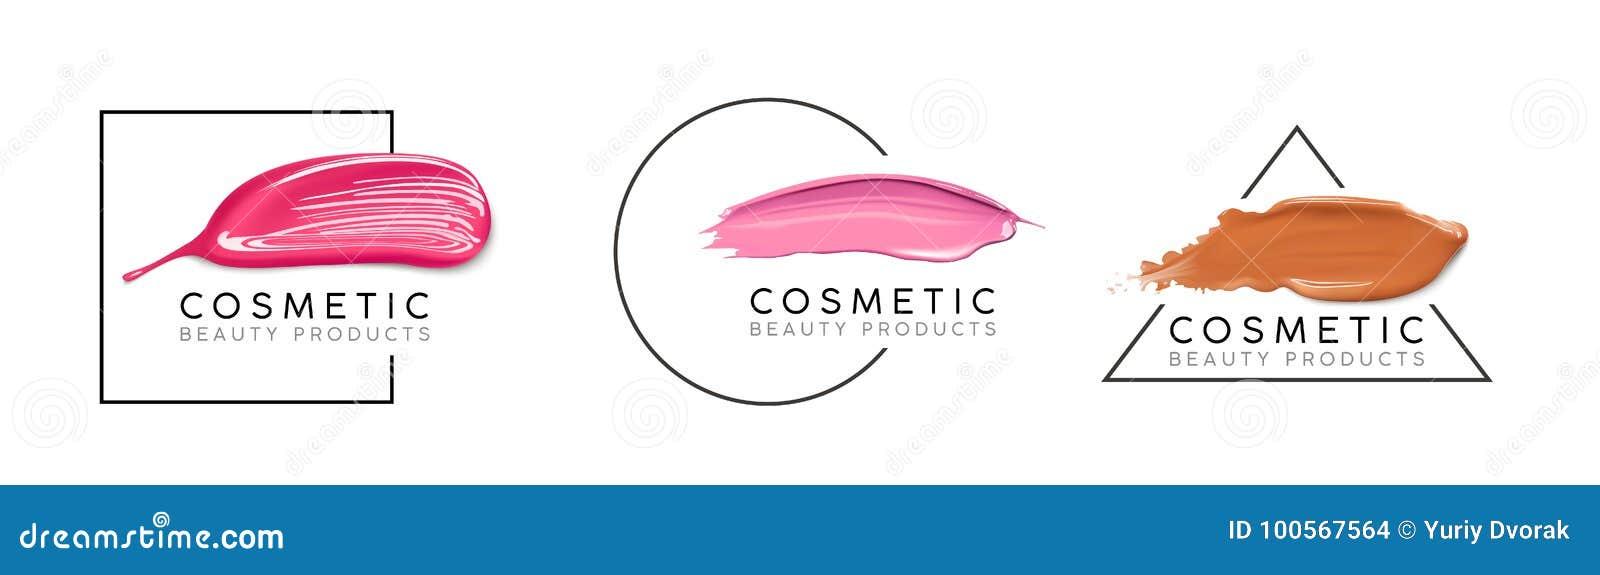 Πρότυπο σχεδίου Makeup με τη θέση για το κείμενο Καλλυντική έννοια λογότυπων του υγρού ιδρύματος, της στιλβωτικής ουσίας καρφιών